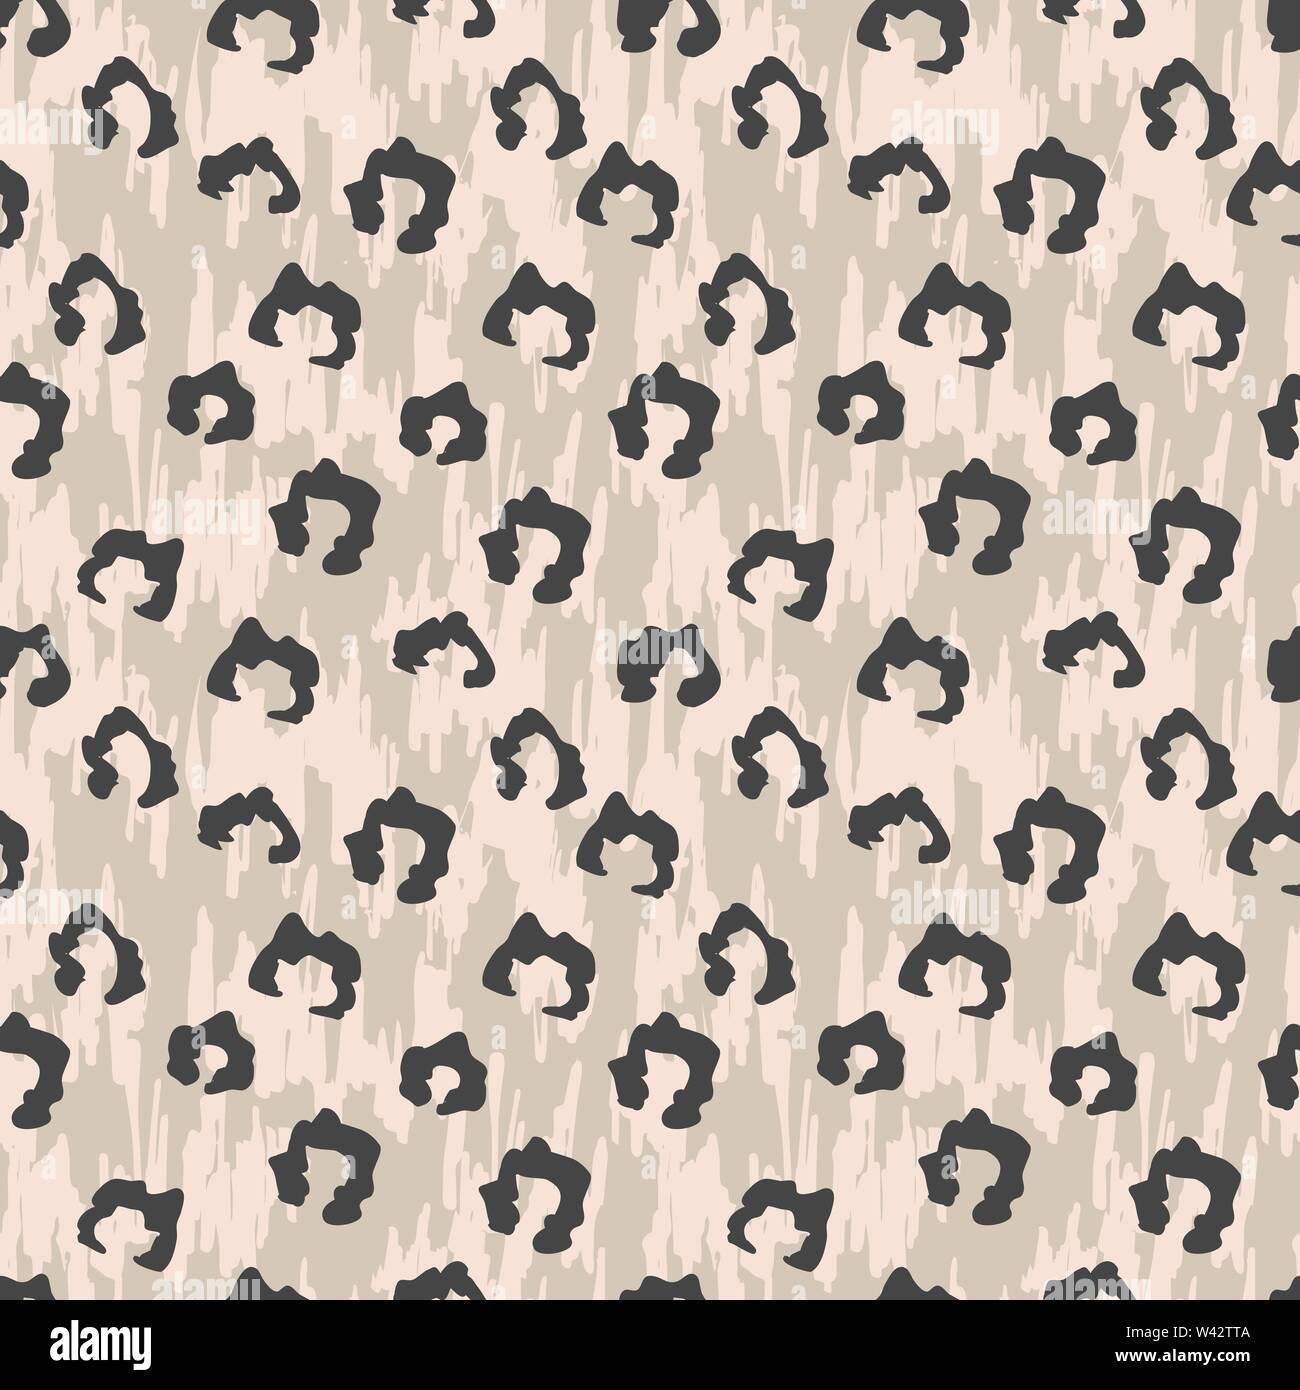 Seamles faux motif peau leopard dessiné à la main avec des taches foncées. Animaux d'illustration vectorielle, un motif de surface de répétition. Photo Stock